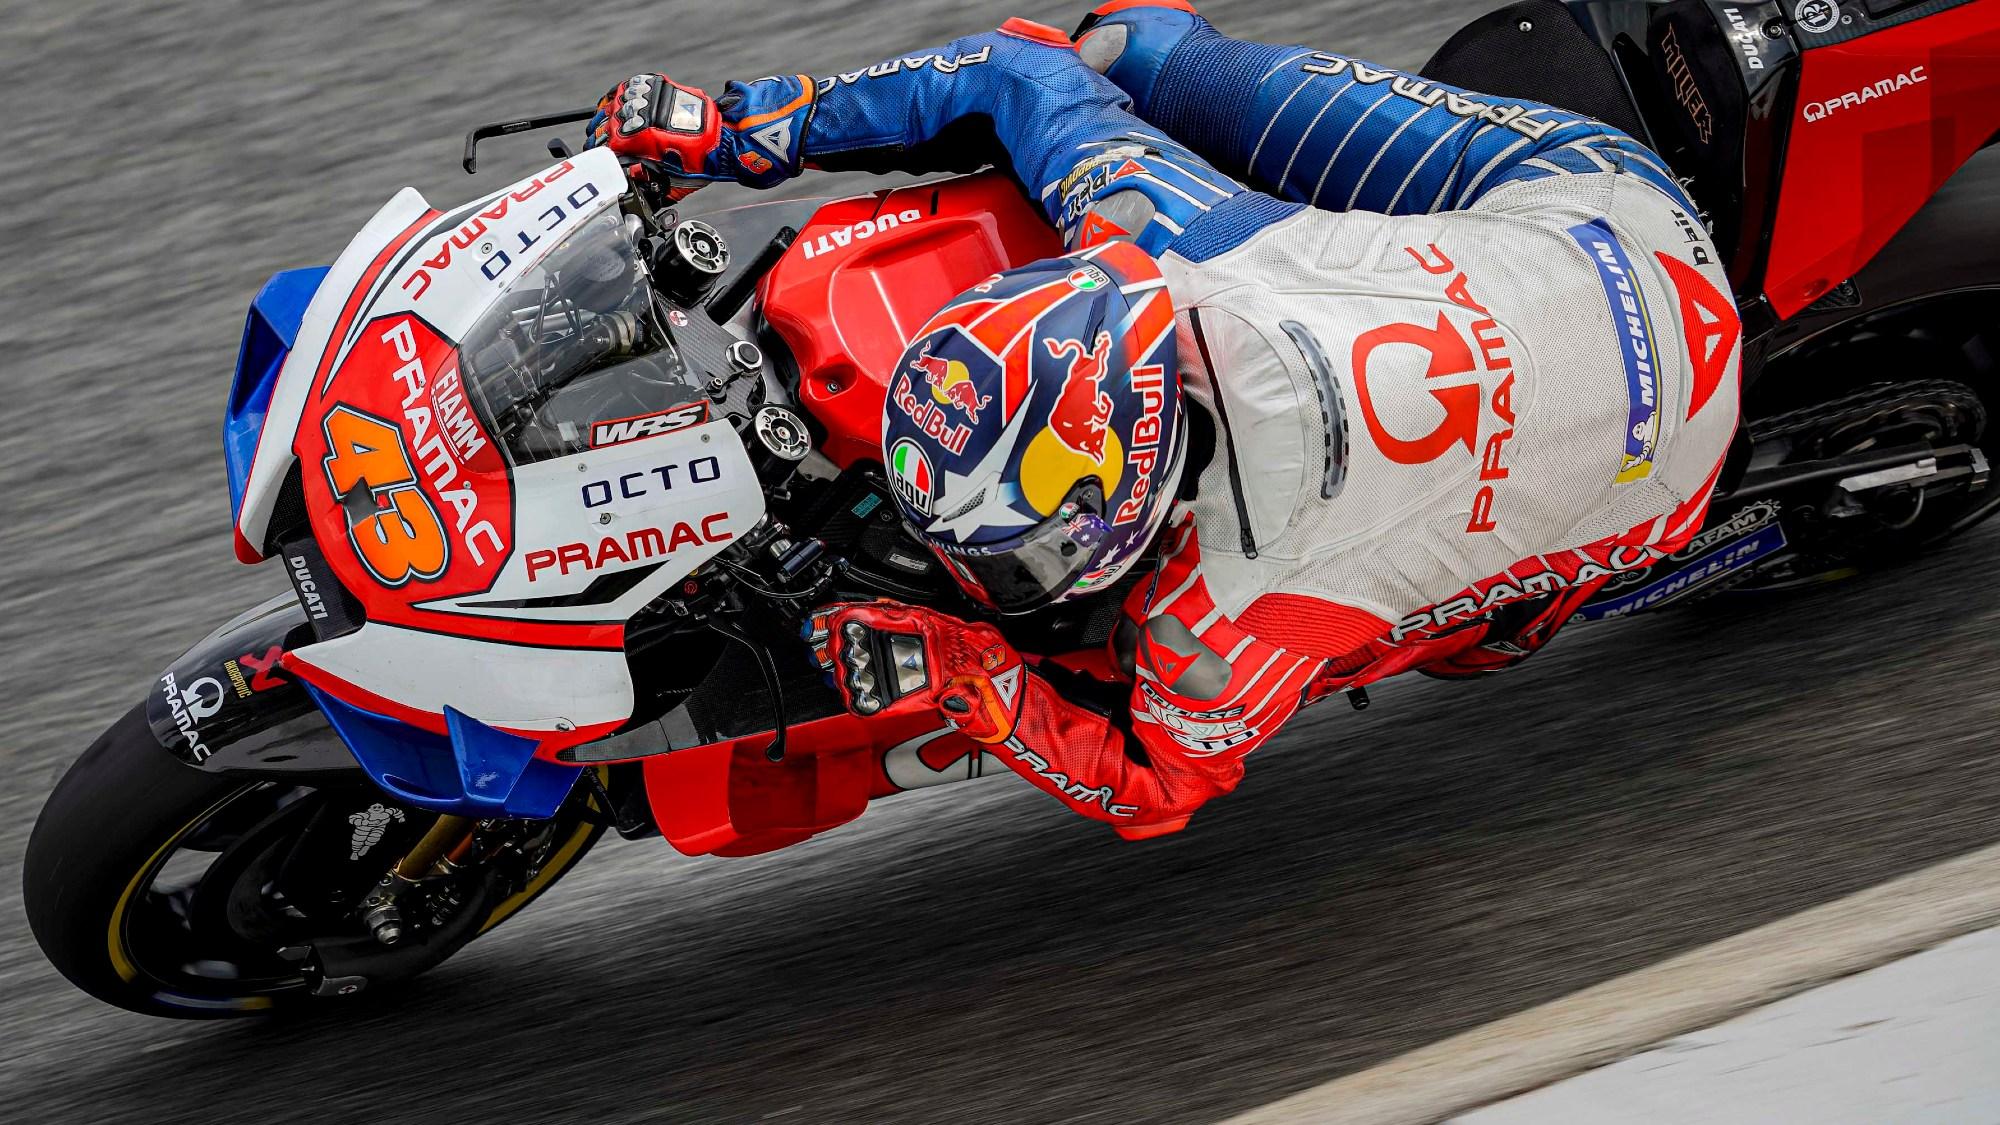 Jack Miller, 2020 Pramac Ducati